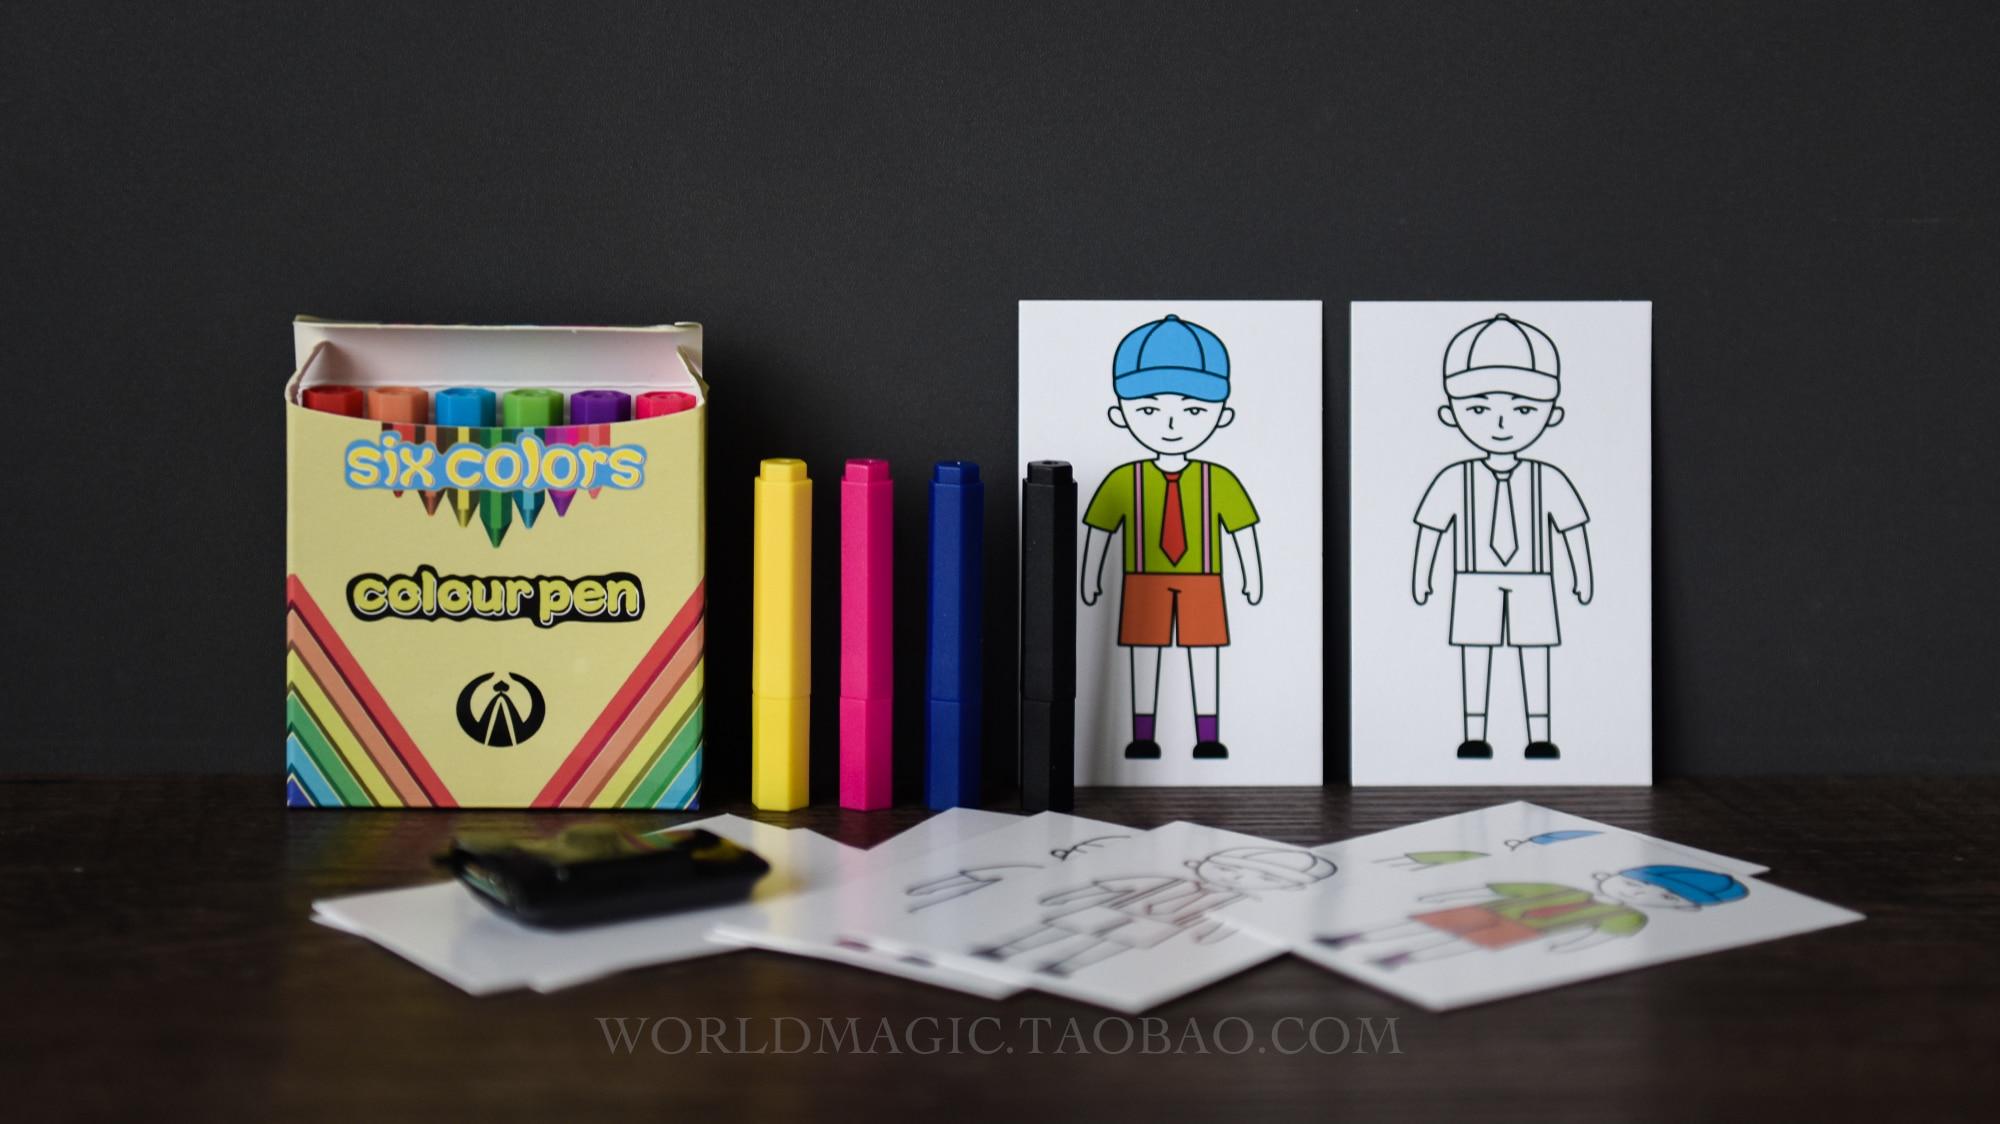 Prédiction de stylo de couleur-Match de couleur Mini, accessoires de magie de scène, tours de magie, gros plan, Illusion, accessoires, Gimmick, mentalisme Magia Fun